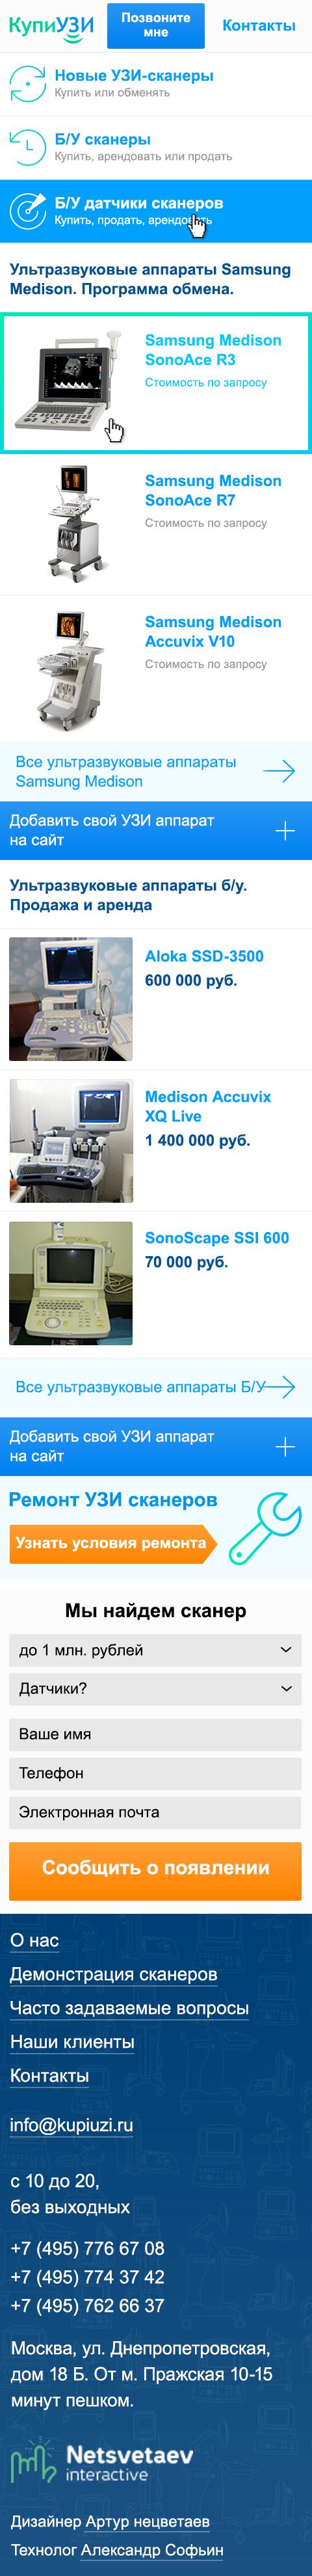 Третья версия Kupiuzi.ru Сайт Артура Нецветаева — сайты, приложения, прототипы и оформление интерфейсов main 480